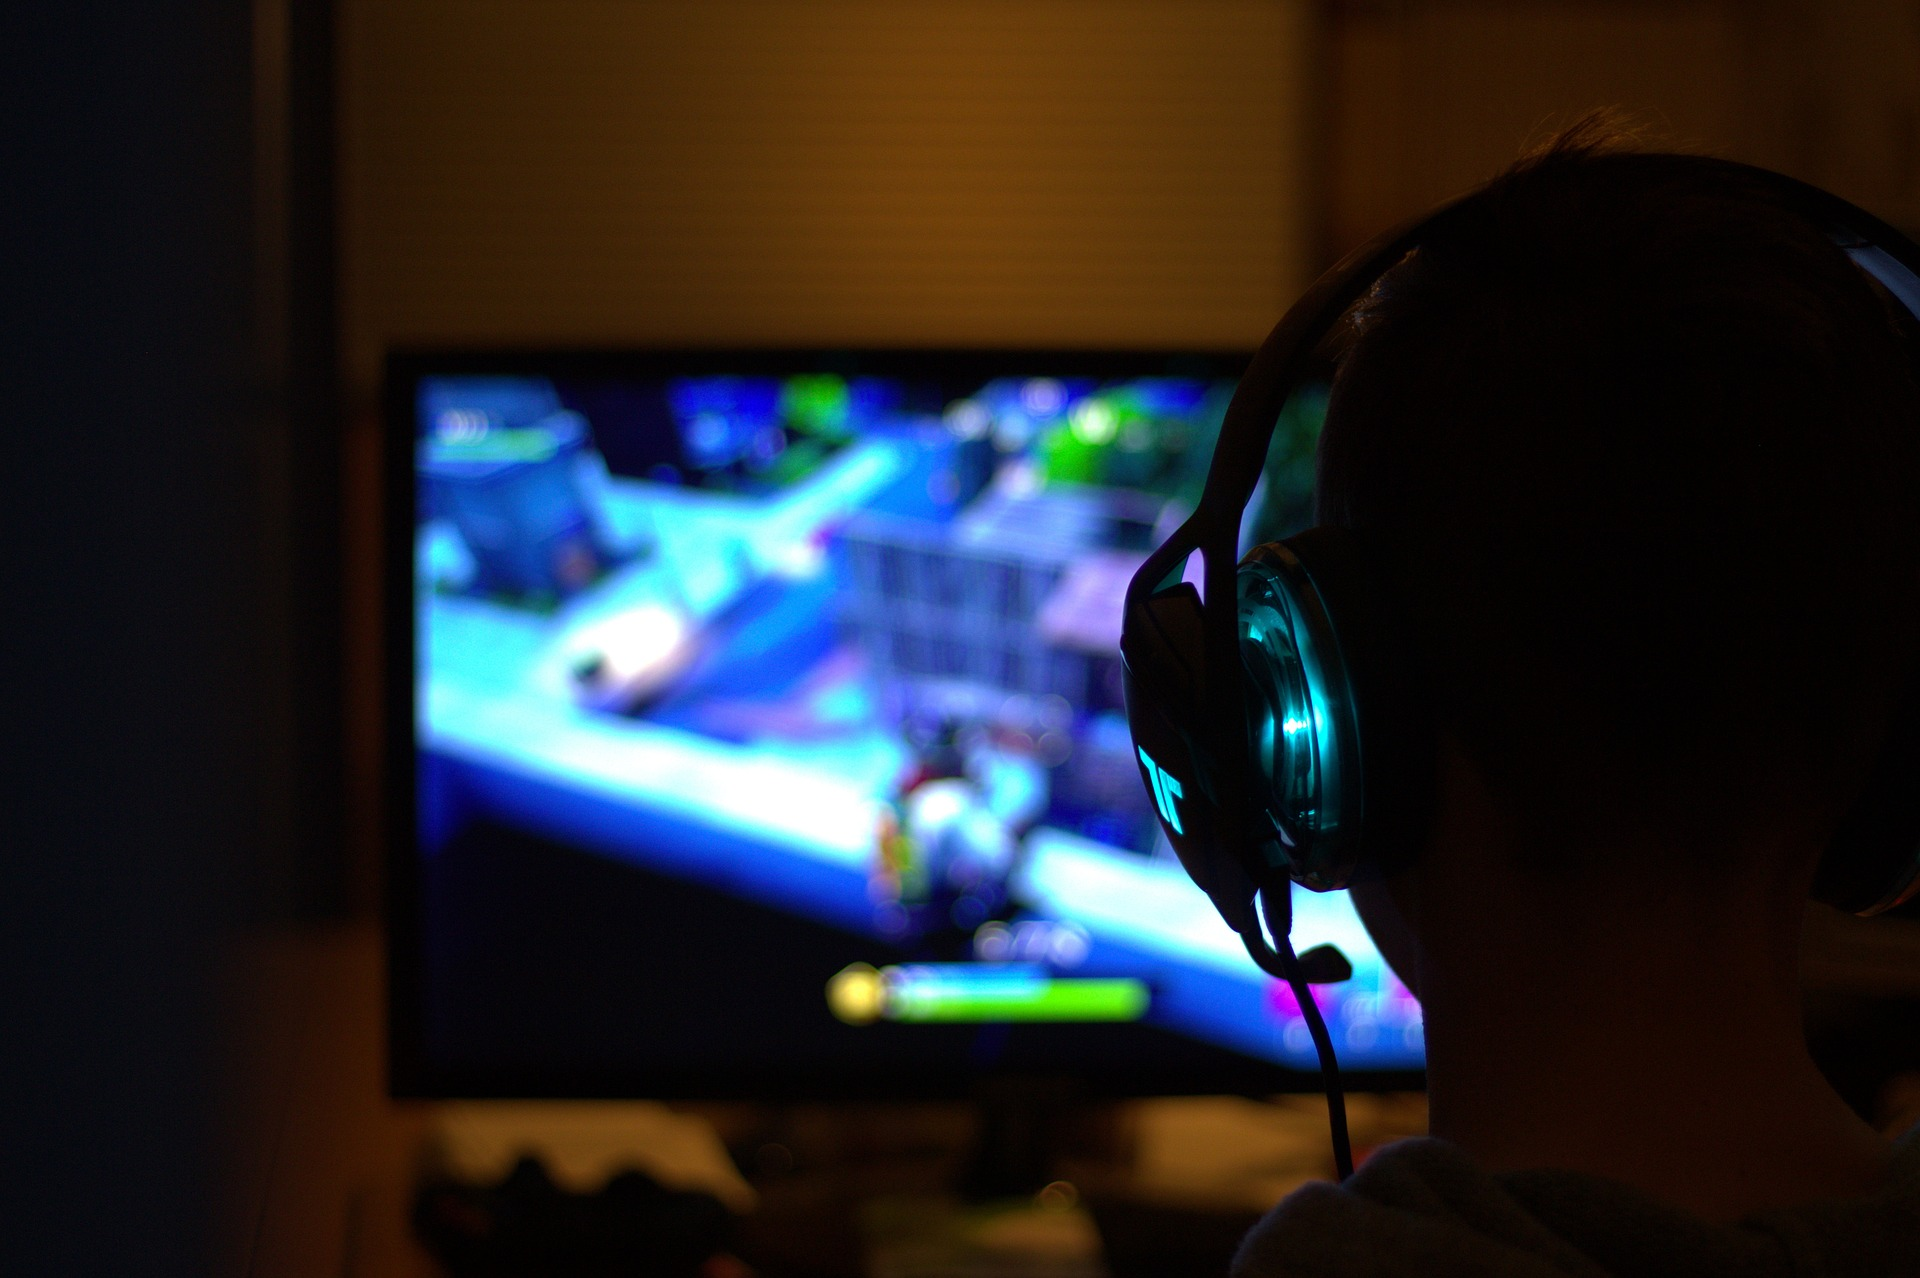 Le jeu vidéo booste les ventes de PC et d'écrans